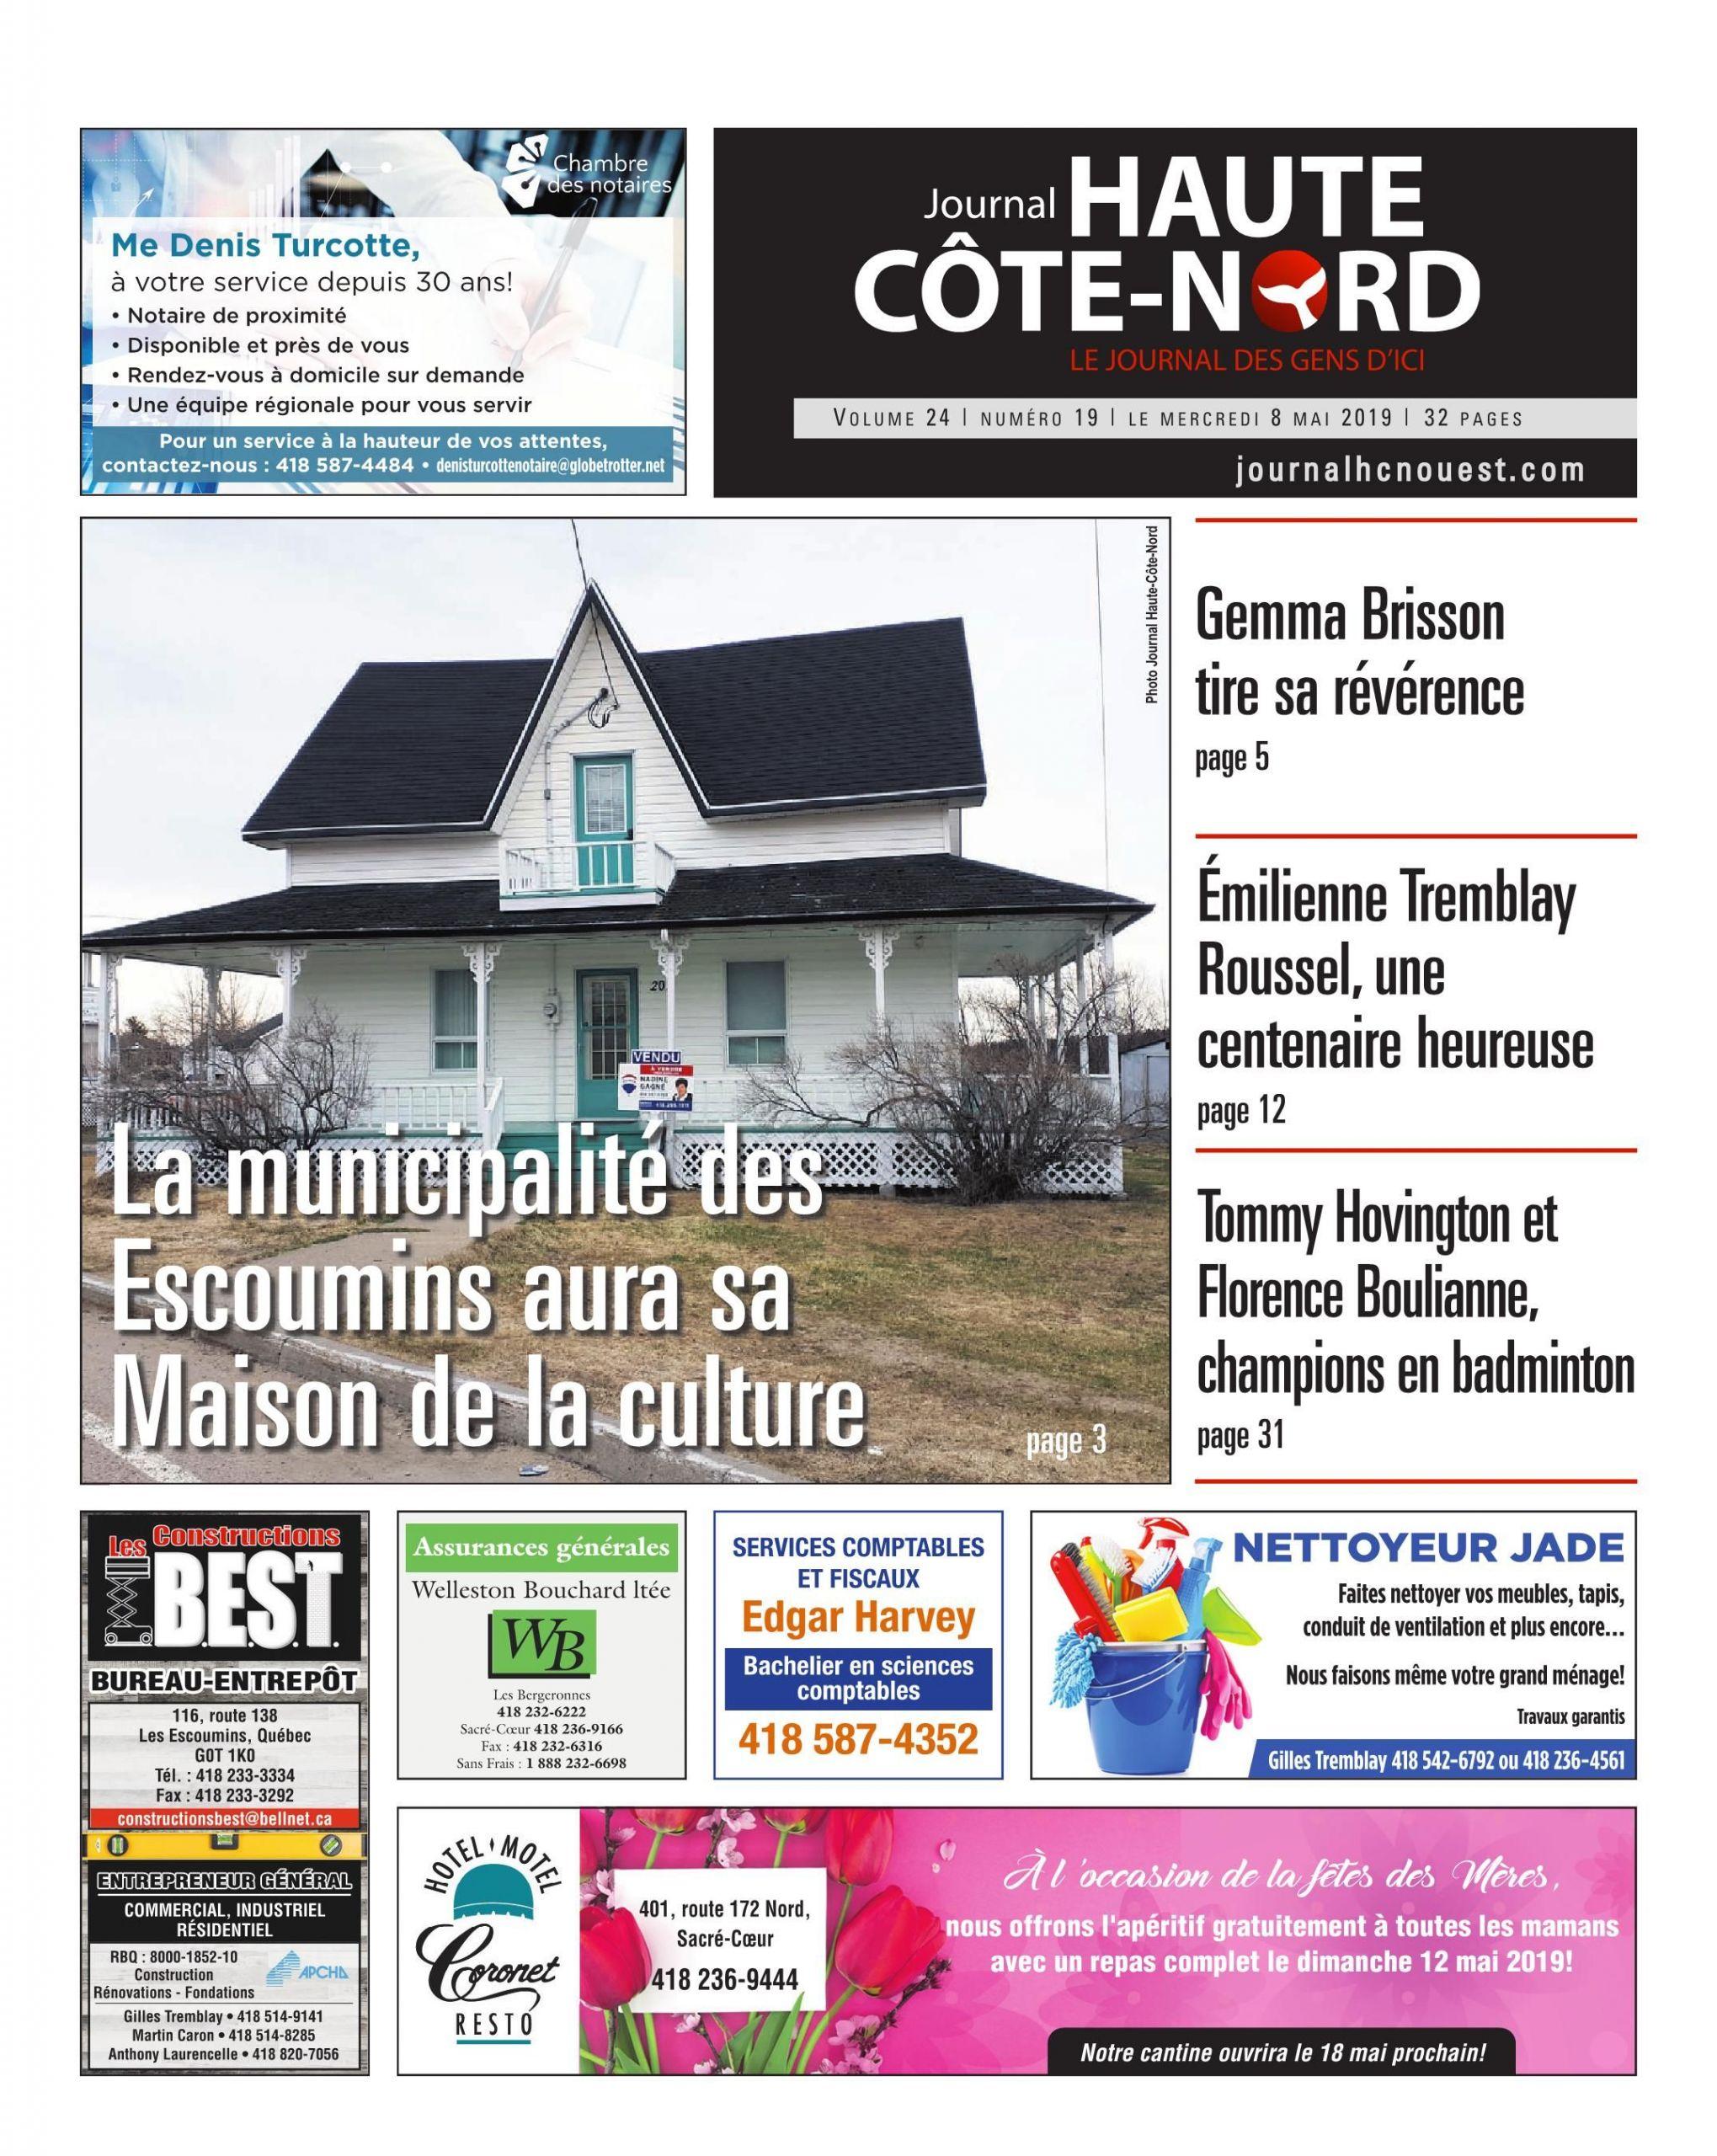 Modele De Jardin Beau Le Haute C´te nord 8 Mai 2019 Pages 1 32 Text Version Of 60 Luxe Modele De Jardin